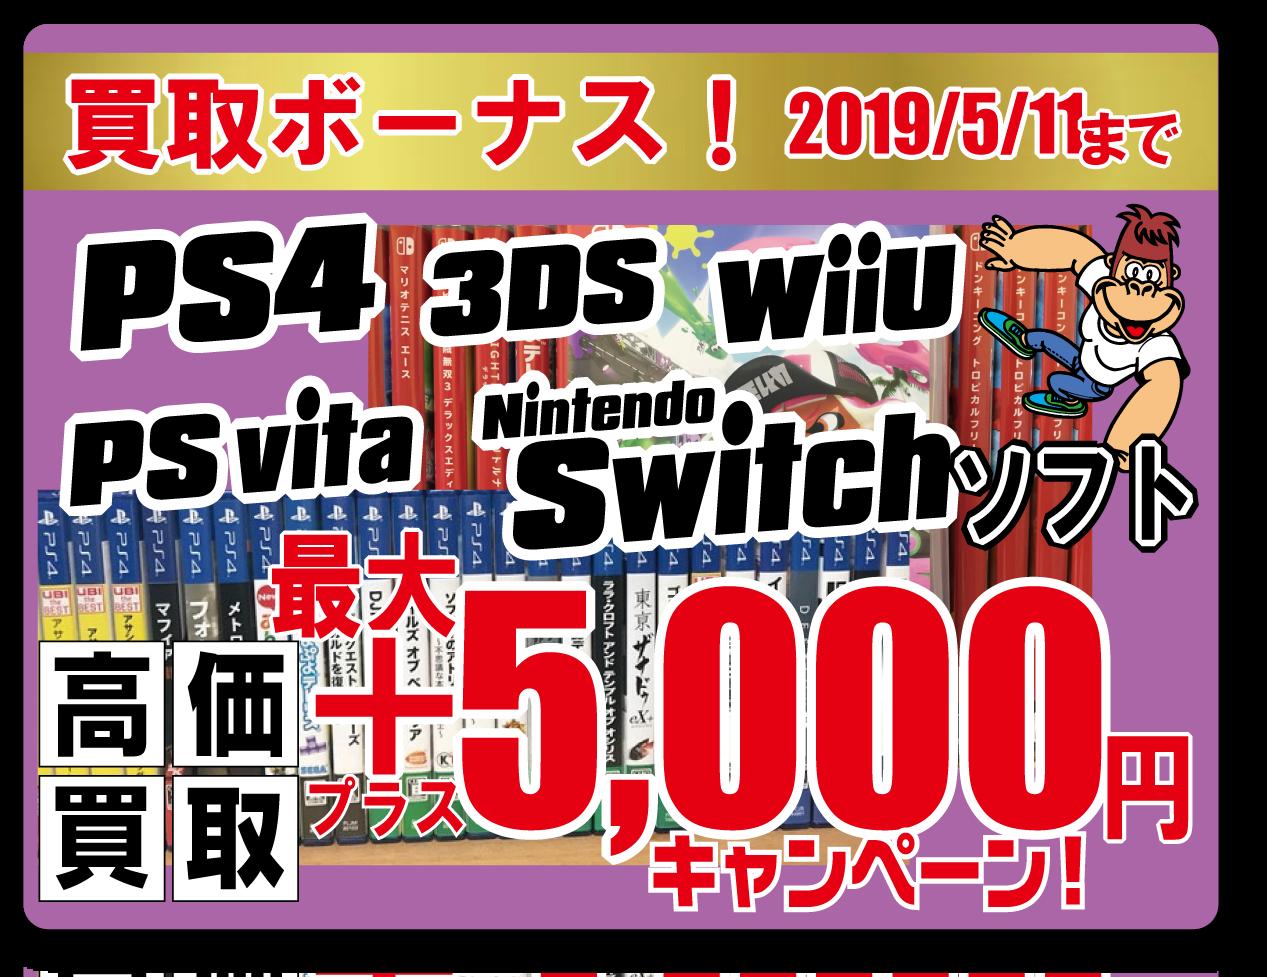 店頭買取限定【ゲームソフト まとめて売ると最大5000円プラス!】2019/5/11まで!